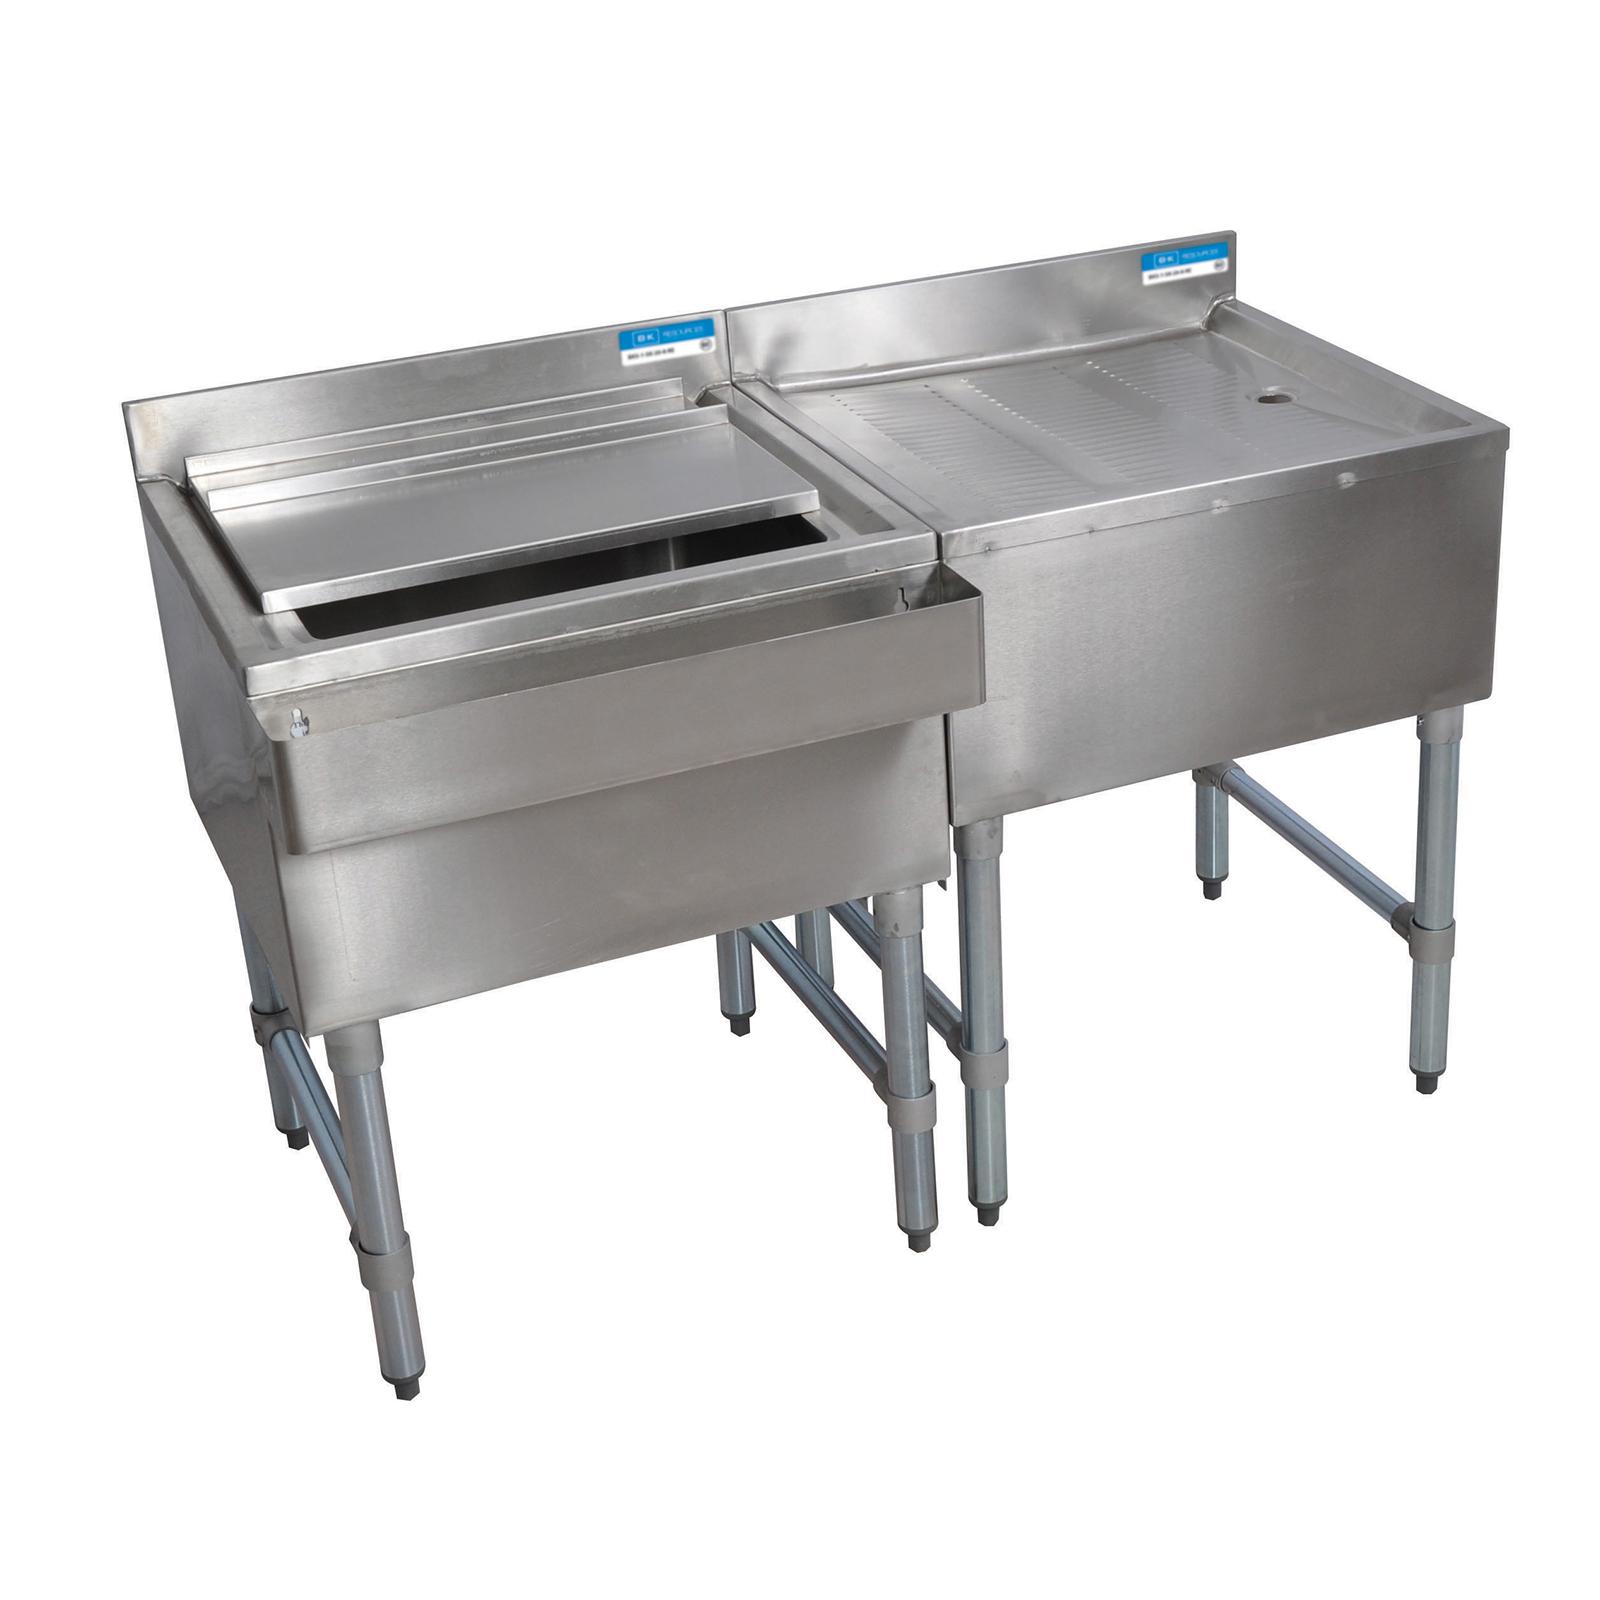 BK Resources BKUB-WS-IBDB-96S underbar ice bin/cocktail station, drainboard